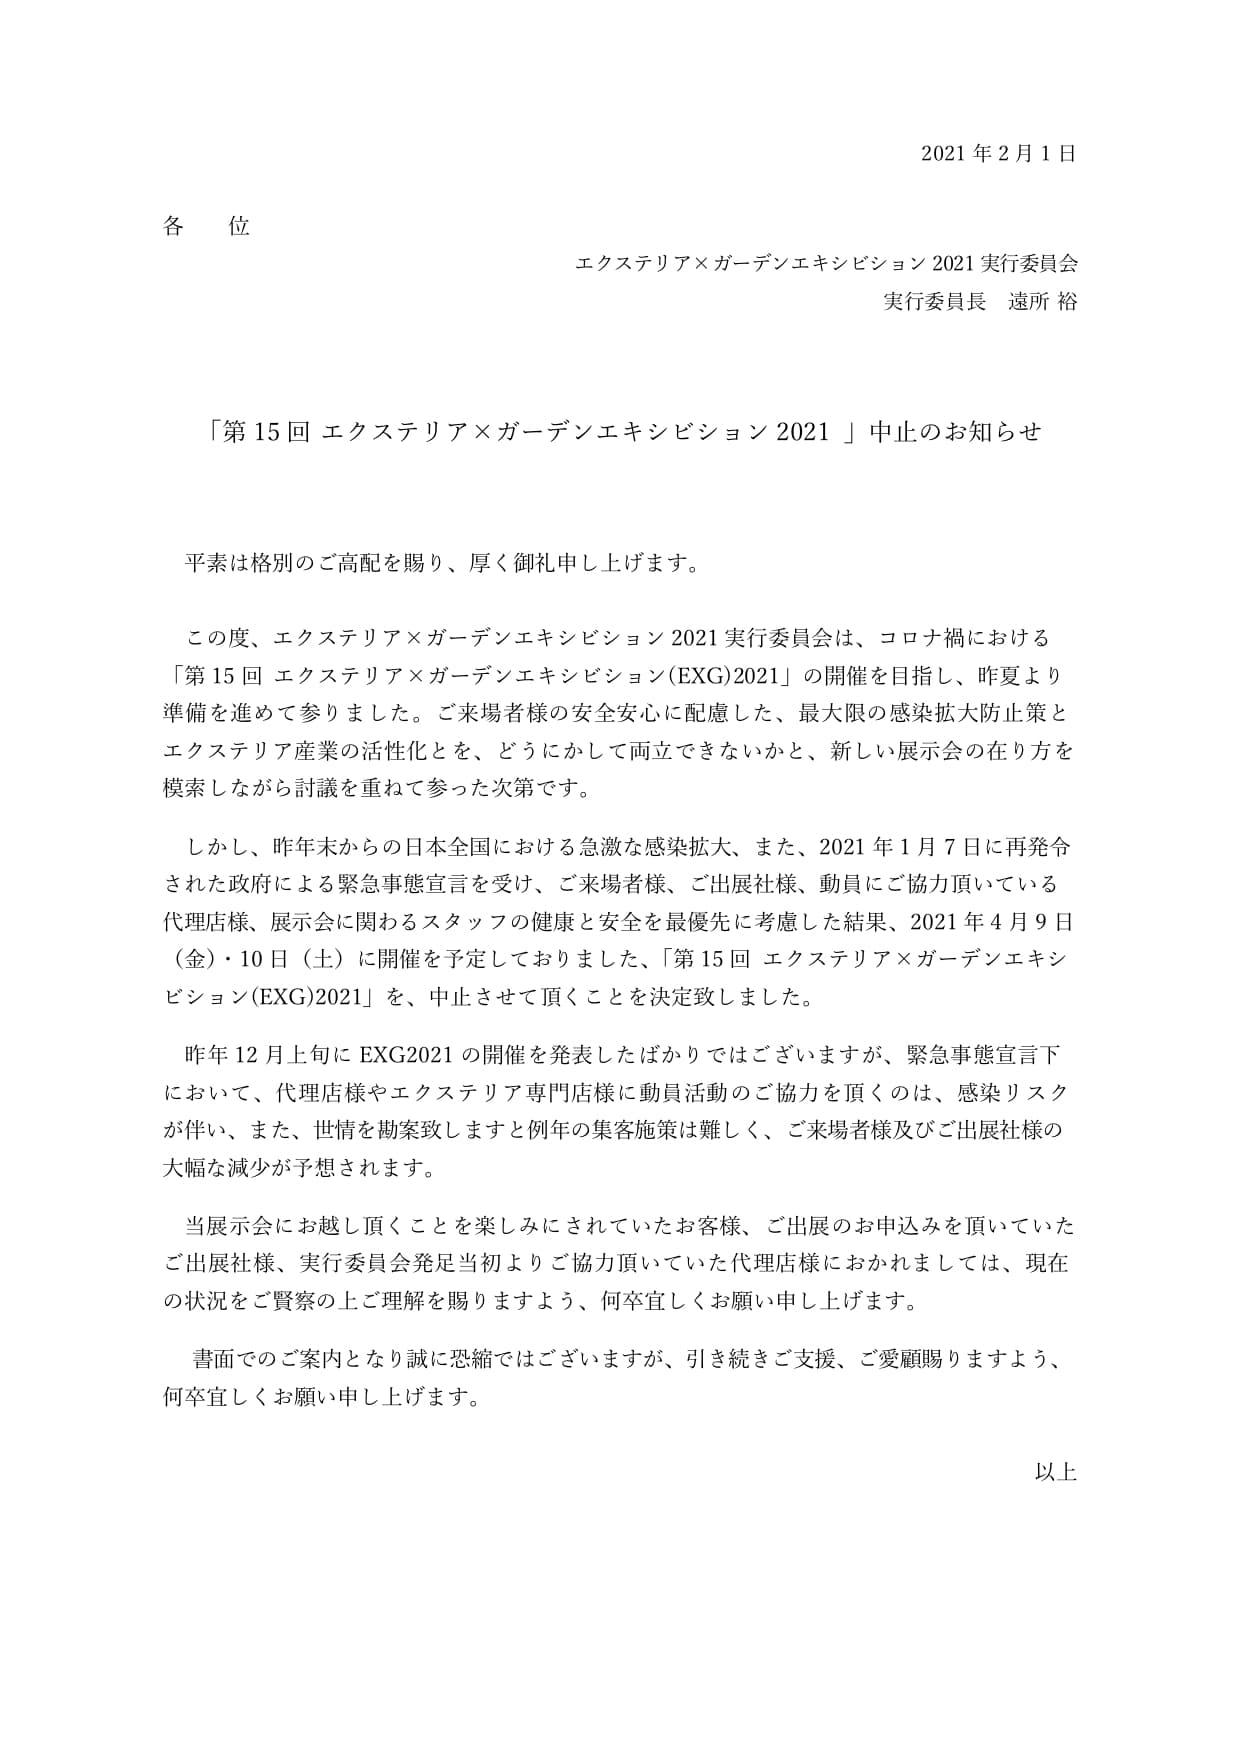 EXG2021中止のお知らせ